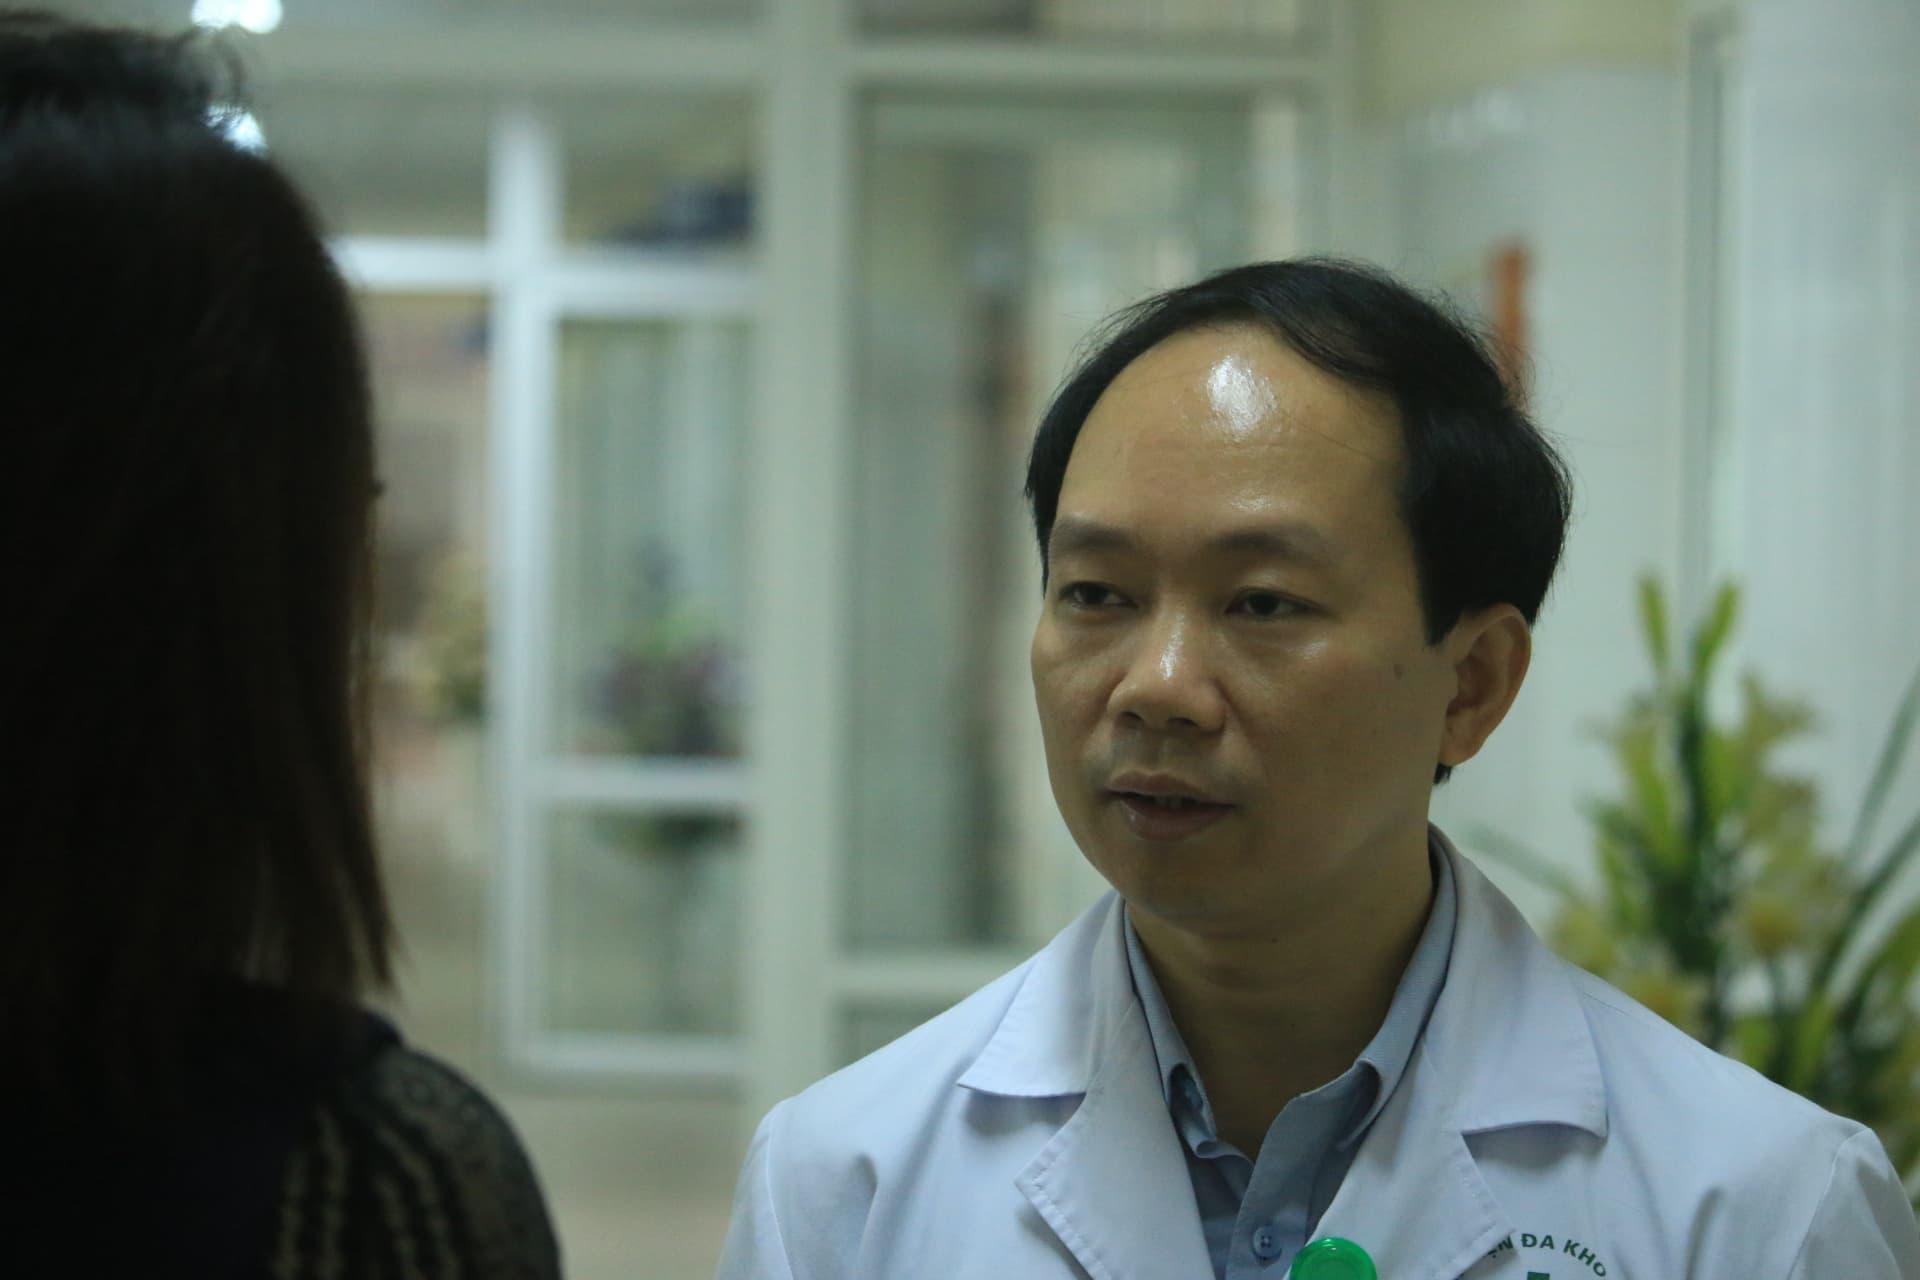 TS. Lê Quang Đức, Phó giám đốc Bệnh viện đa khoa tỉnh Hải Dương. Ảnh Công Luân.